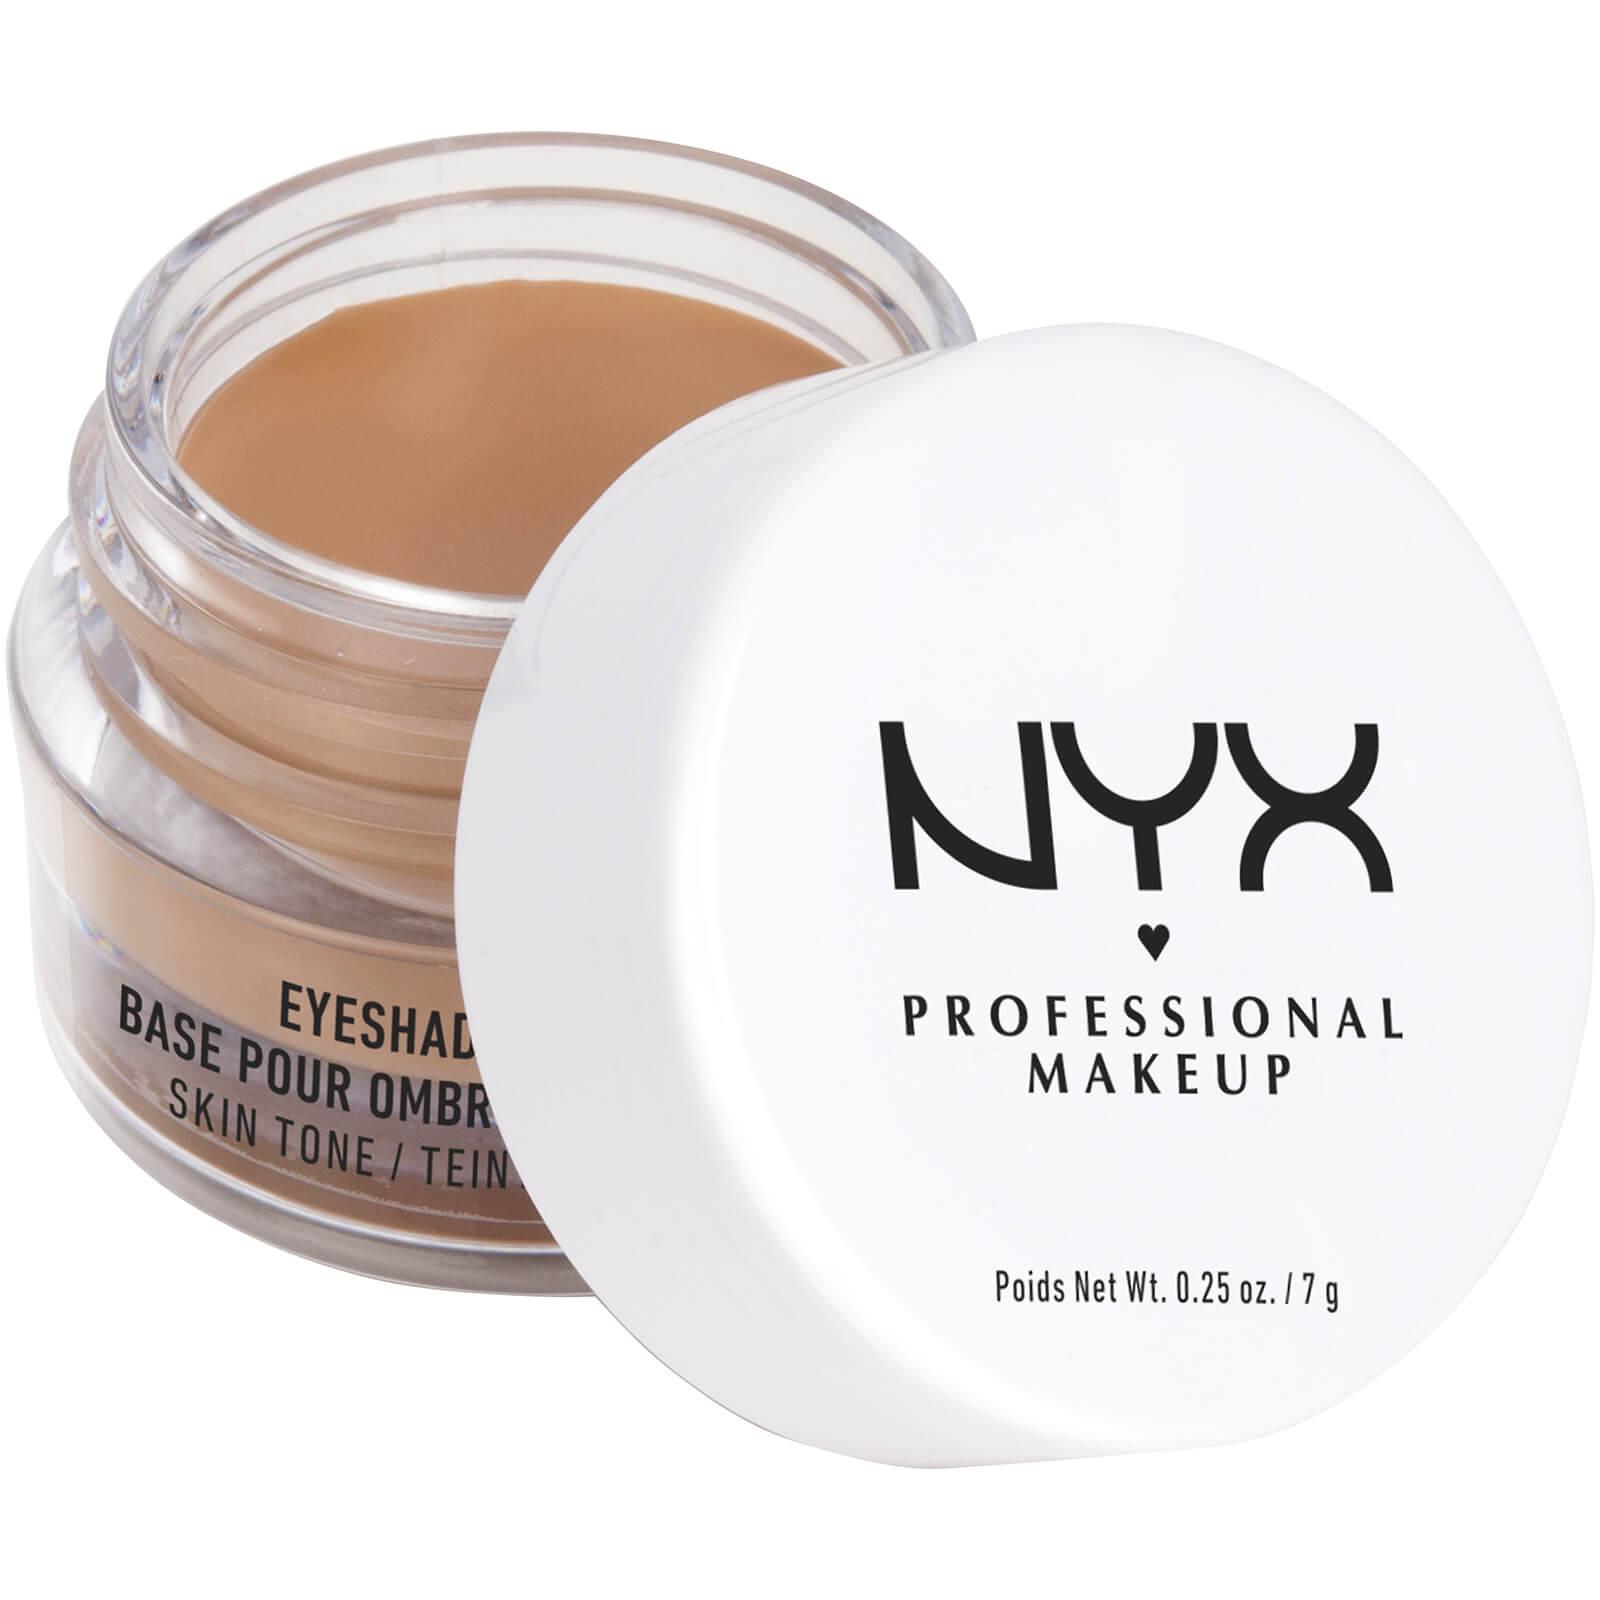 Купить Основа для теней NYX Professional Makeup Eye Shadow Base (различные оттенки) - Skin Tone